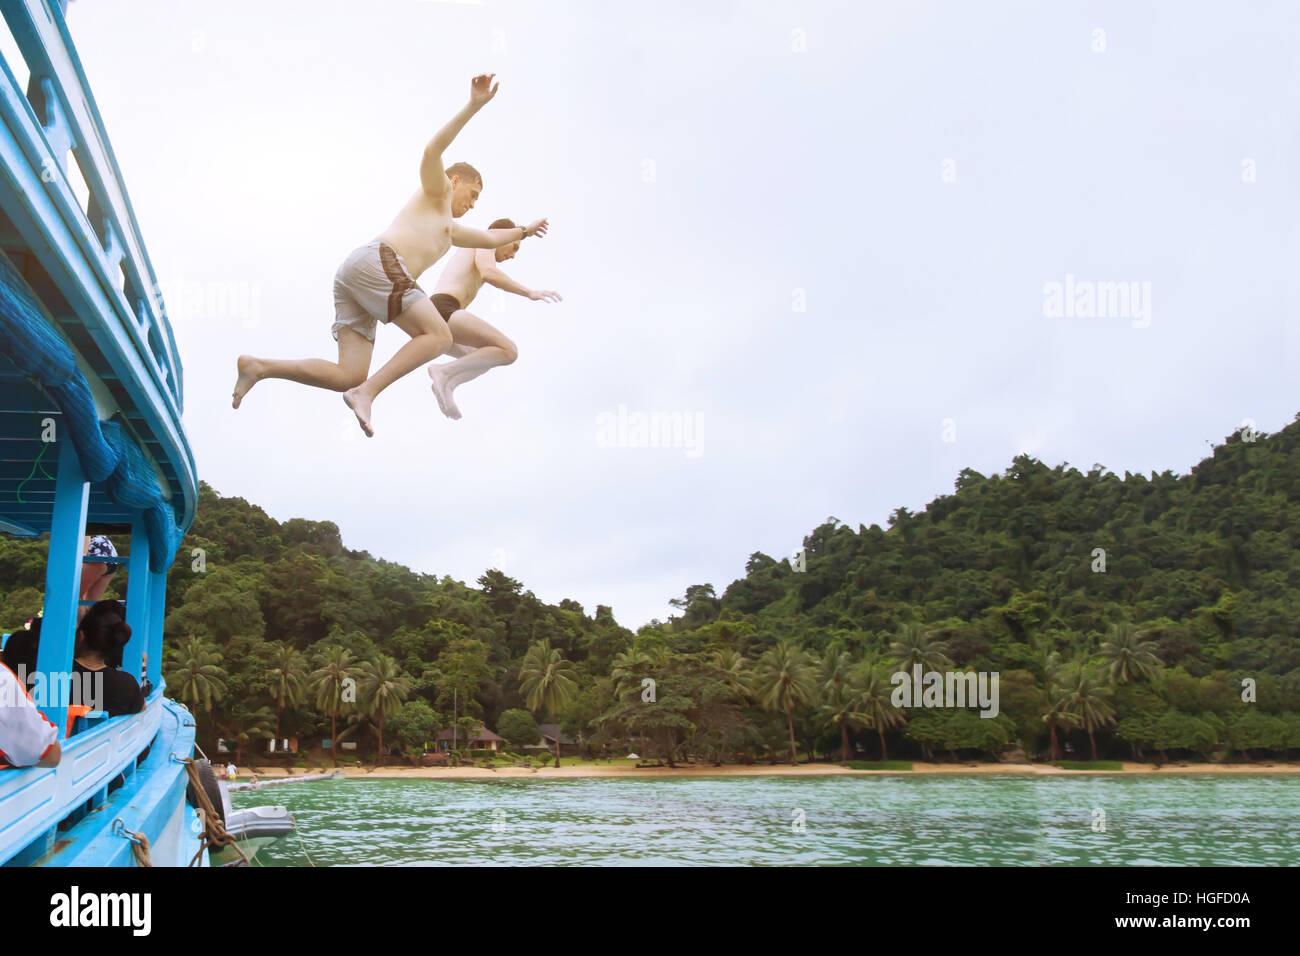 Amici jumping al mare dalla barca, divertirsi insieme, spiaggia avventura tropicale, adrenalina Immagini Stock